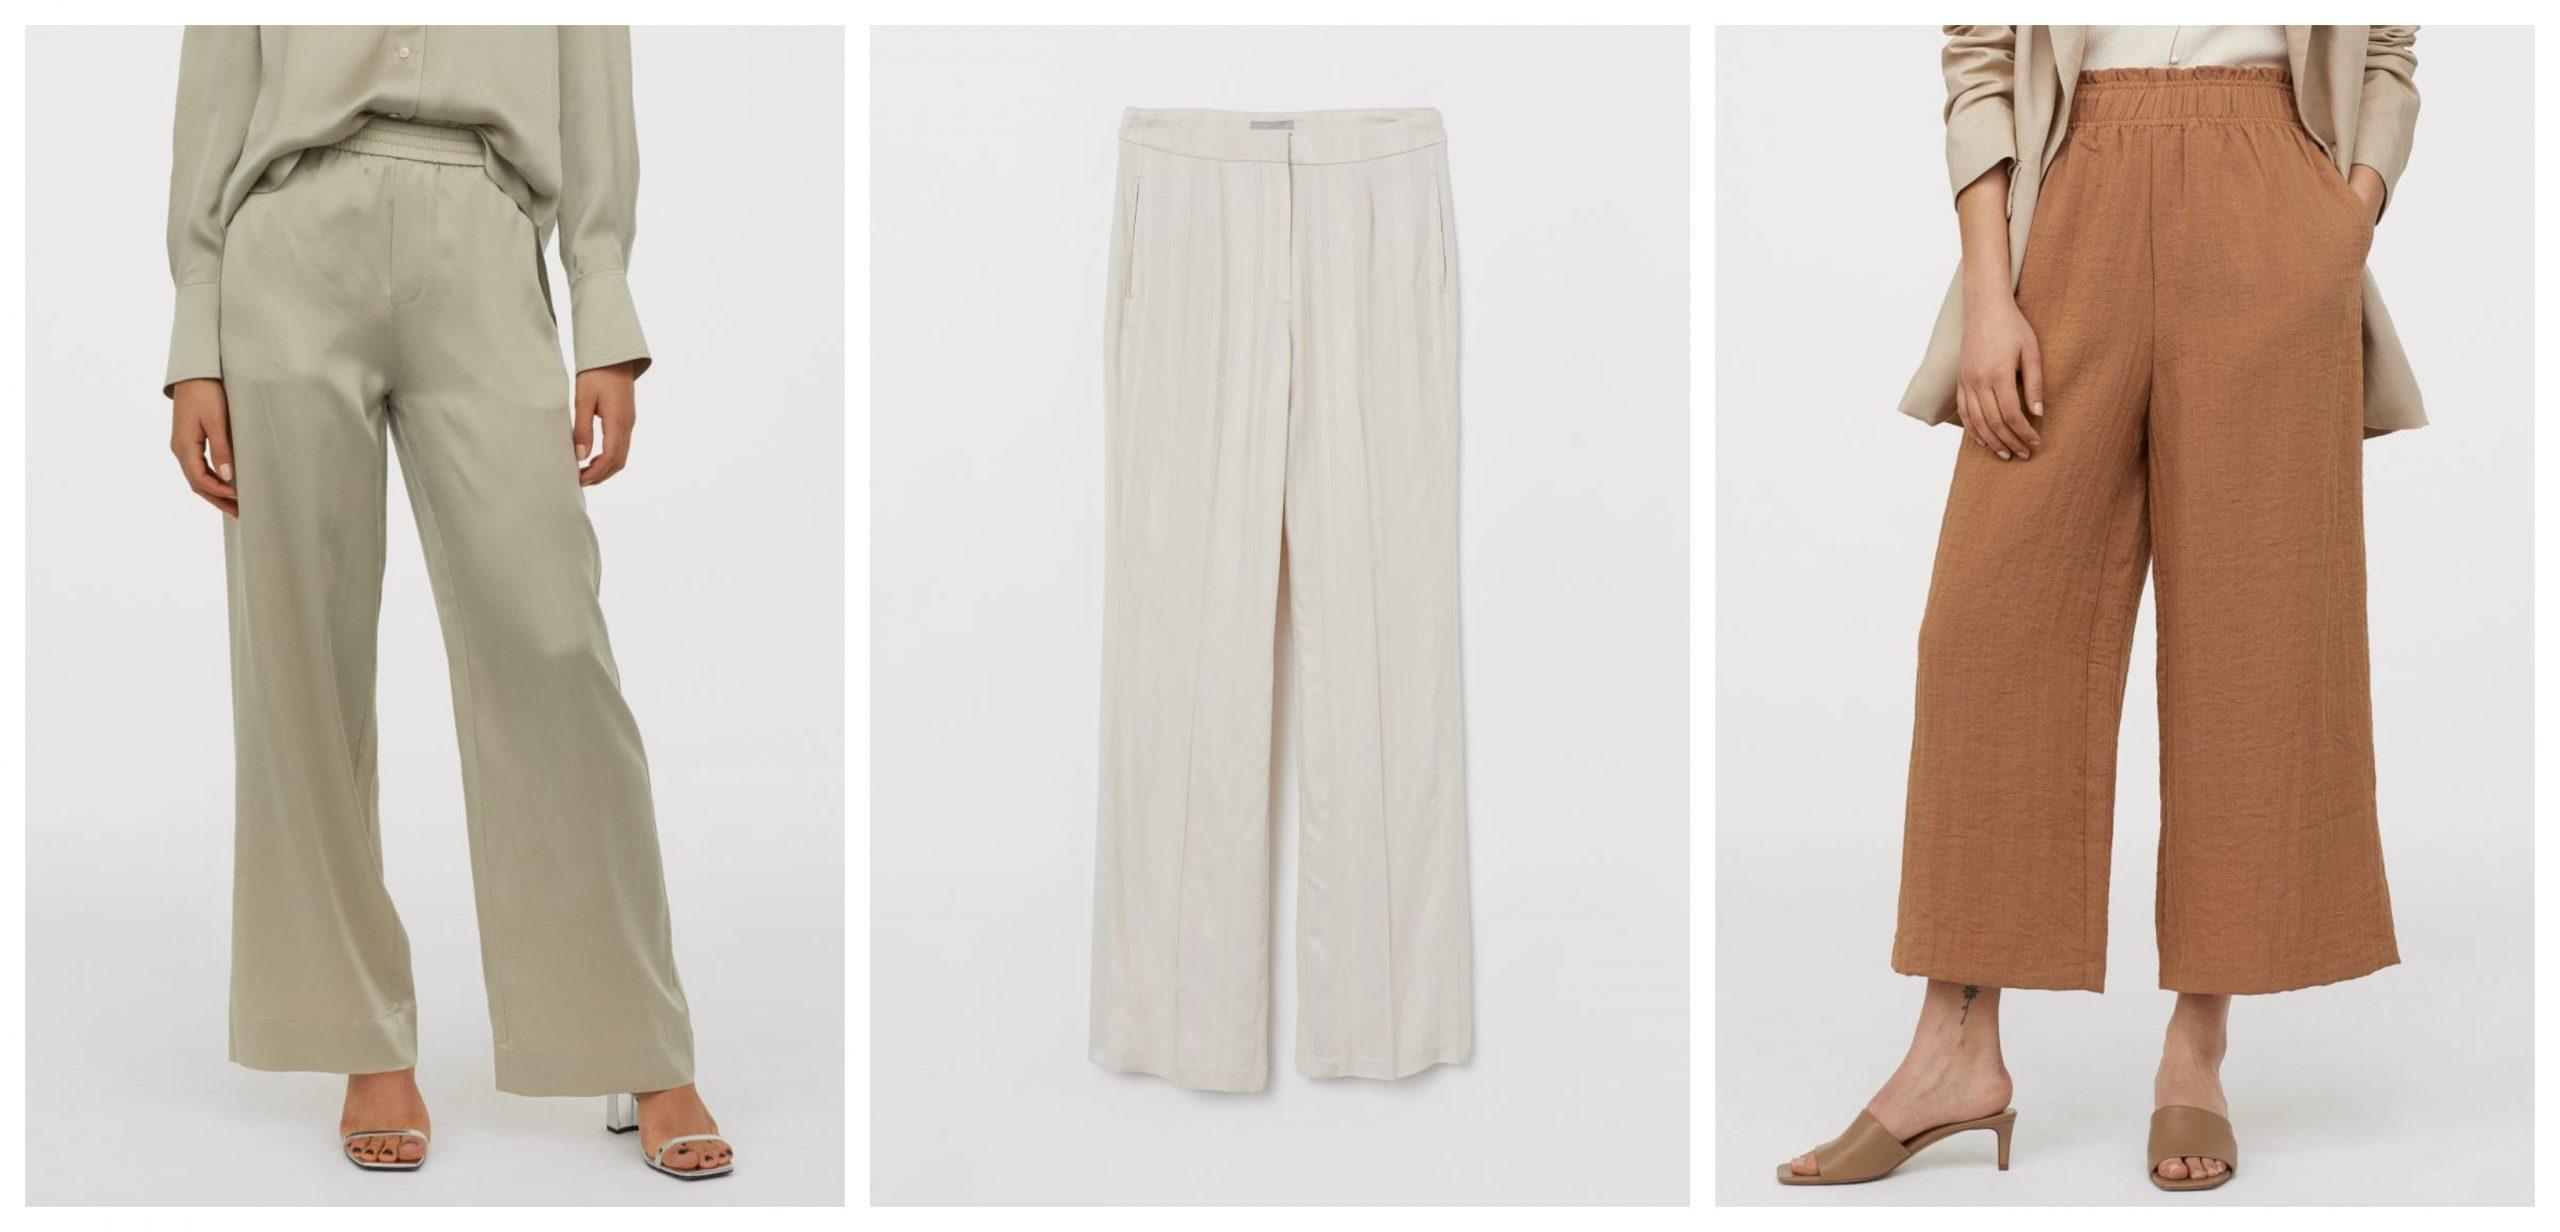 3 pantalones de h&m rebajados para lucir este verano con looks elegantes o de oficina